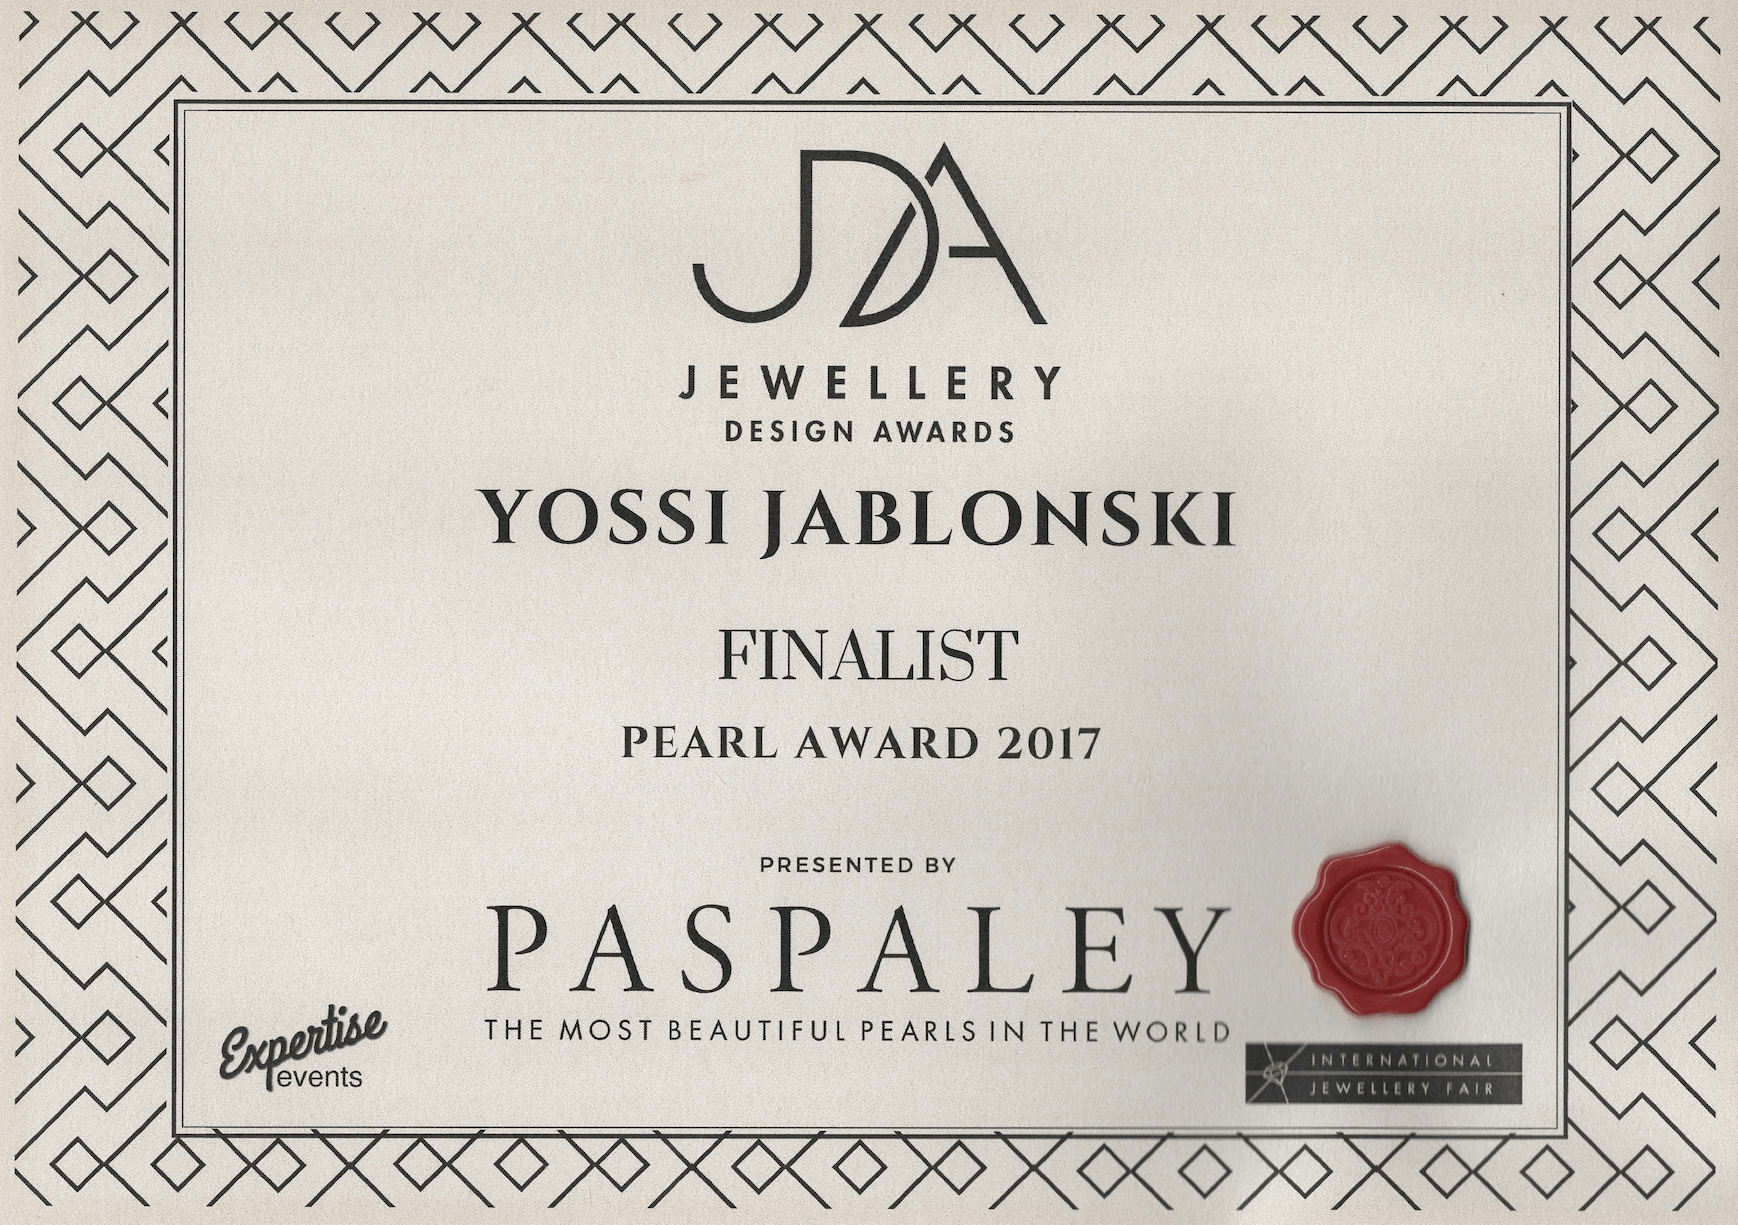 pearl award